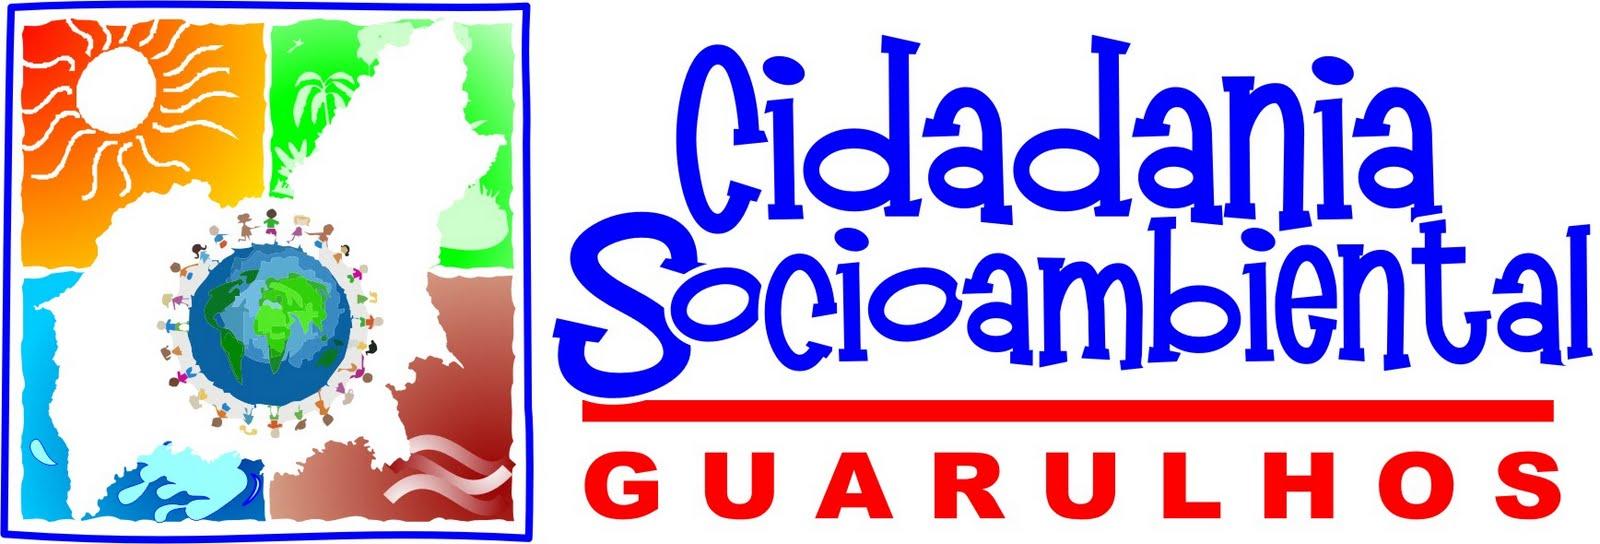 Socioambiental Guarulhos